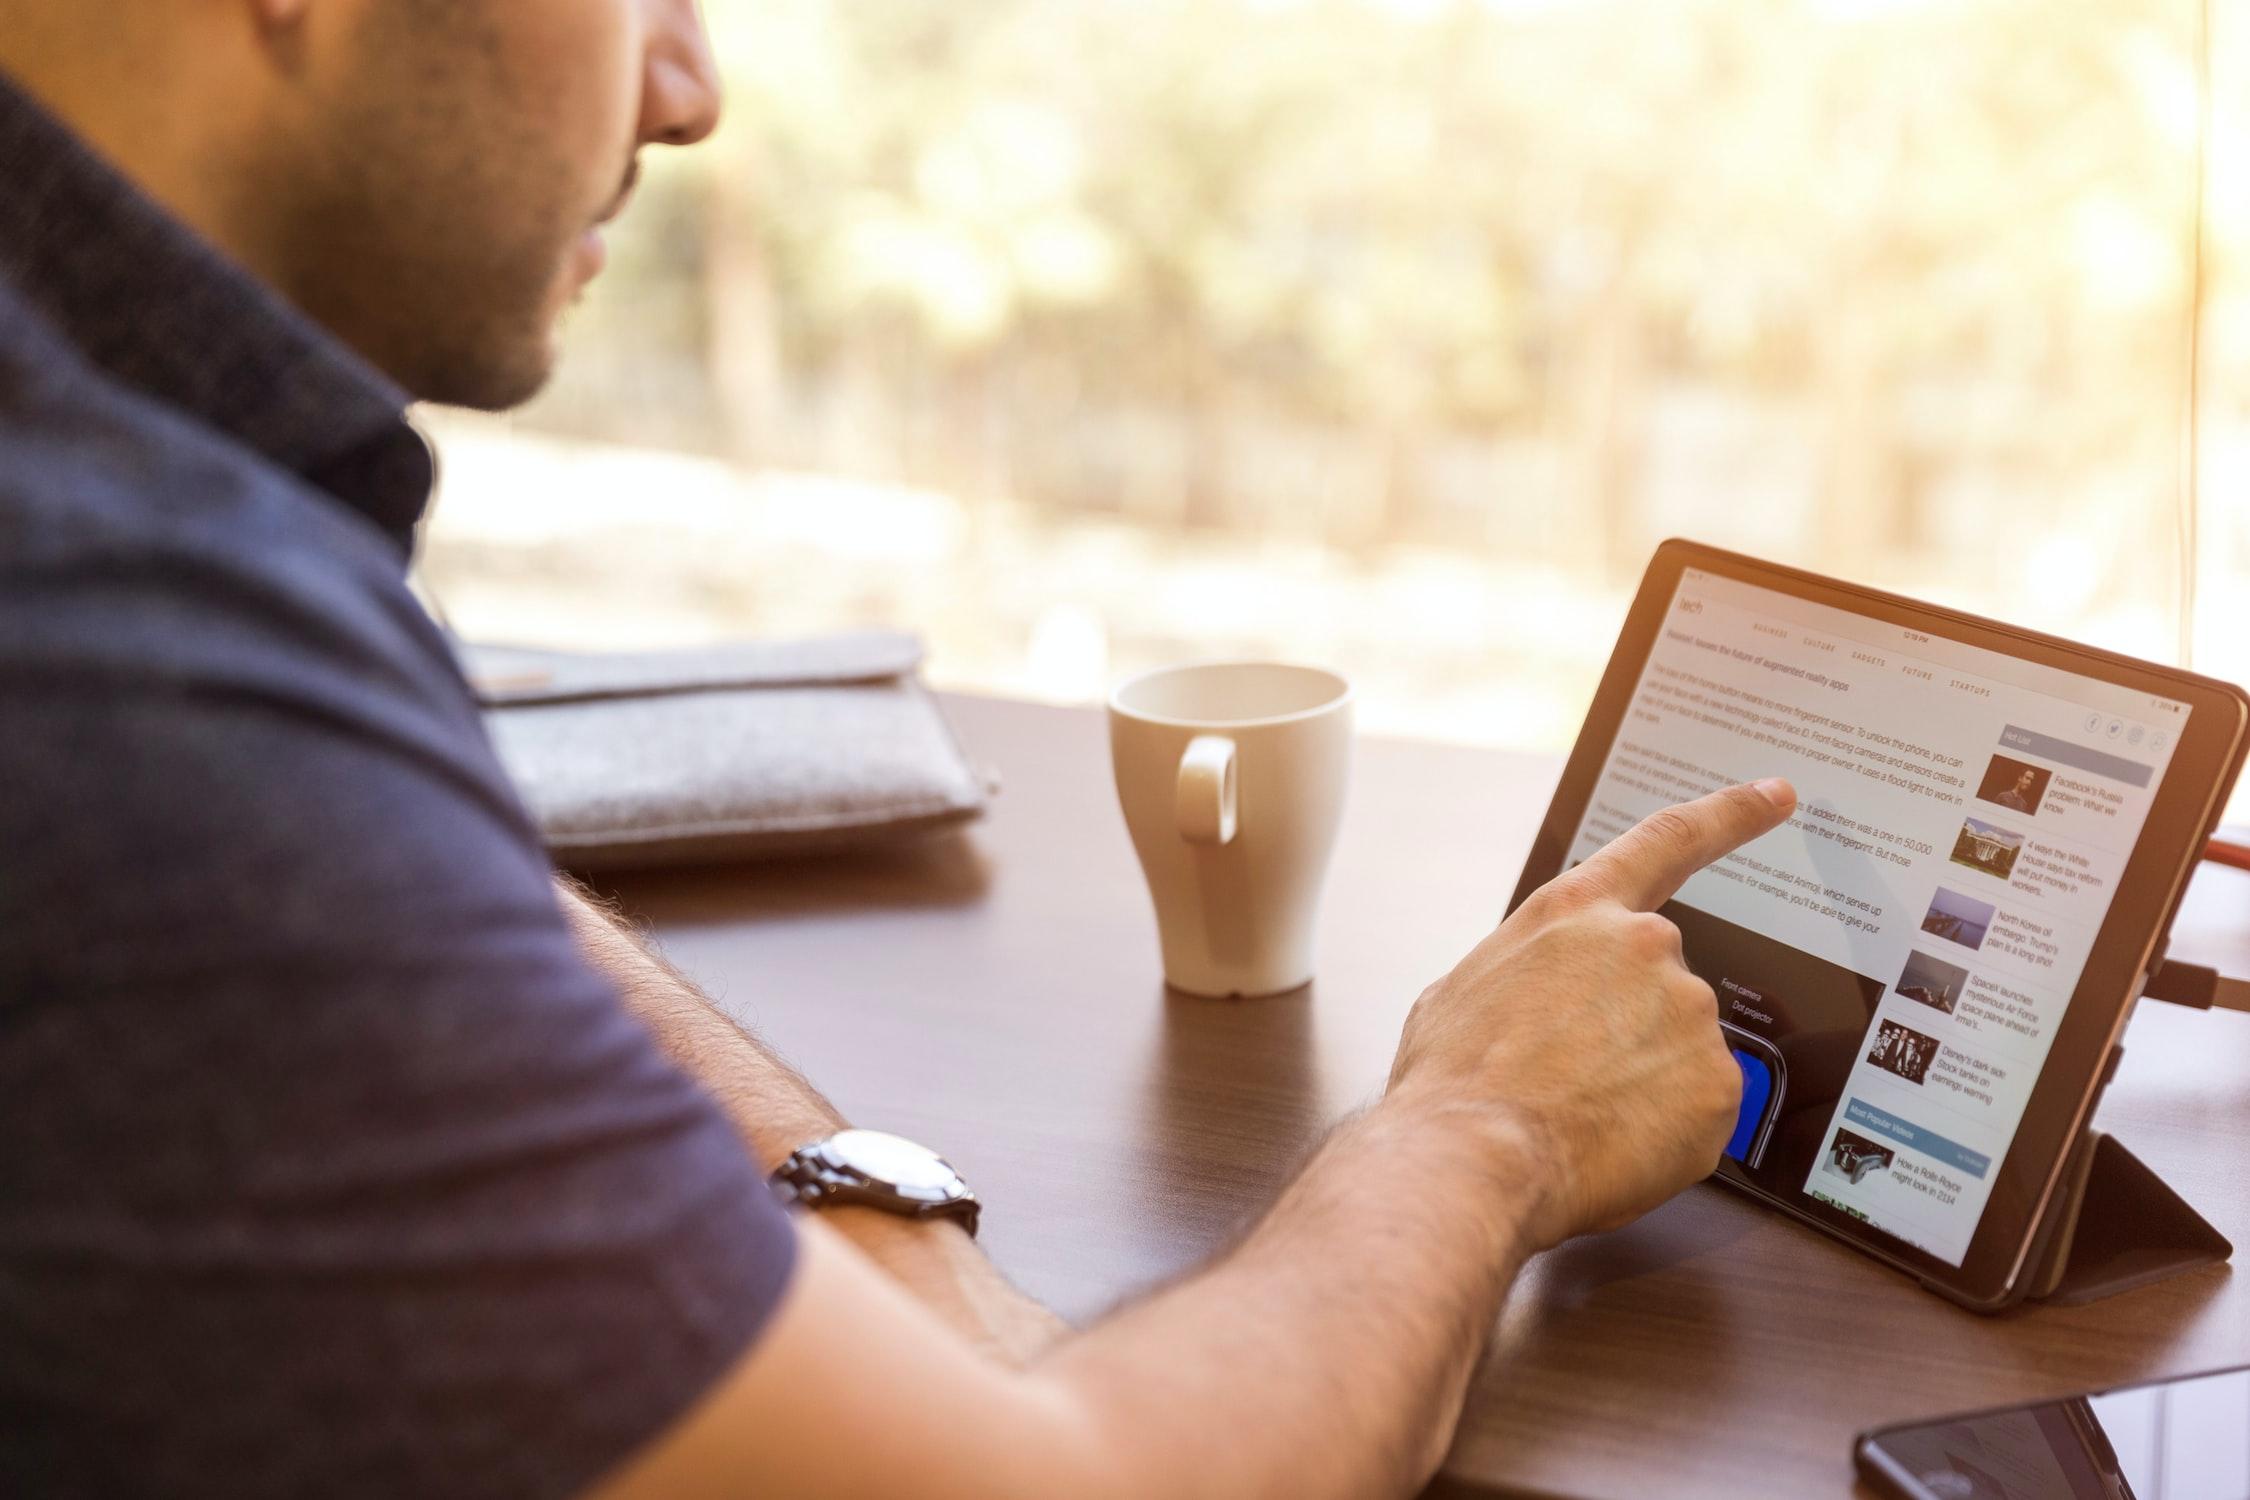 Premium Only! Karrierenetzwerke und ihr Umgang mit dem immer stärker werdenden Trend zum Active Sourcing